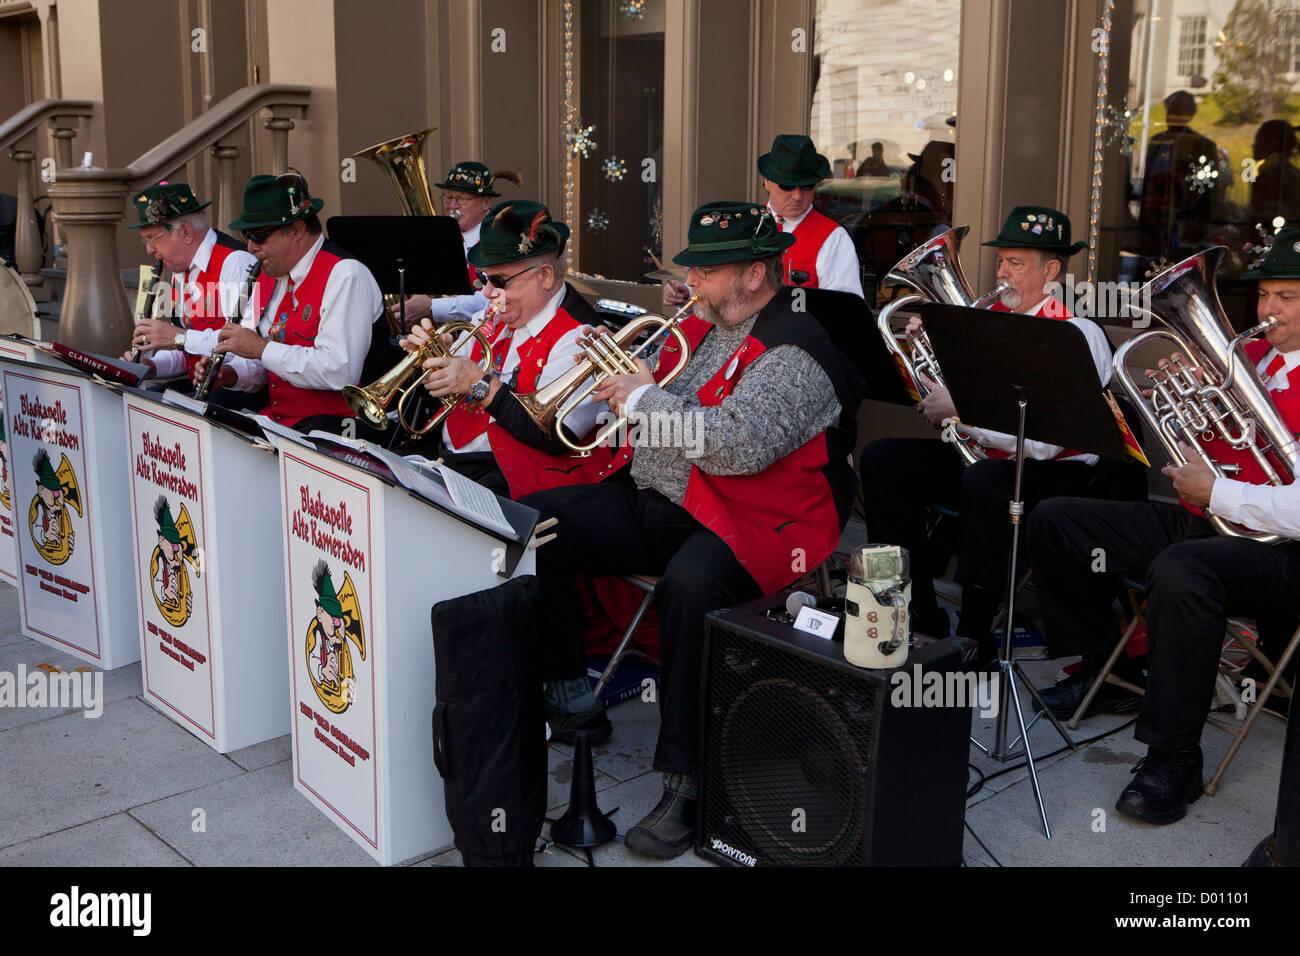 La musique traditionnelle allemande groupe jouant à l'extérieur Photo Stock